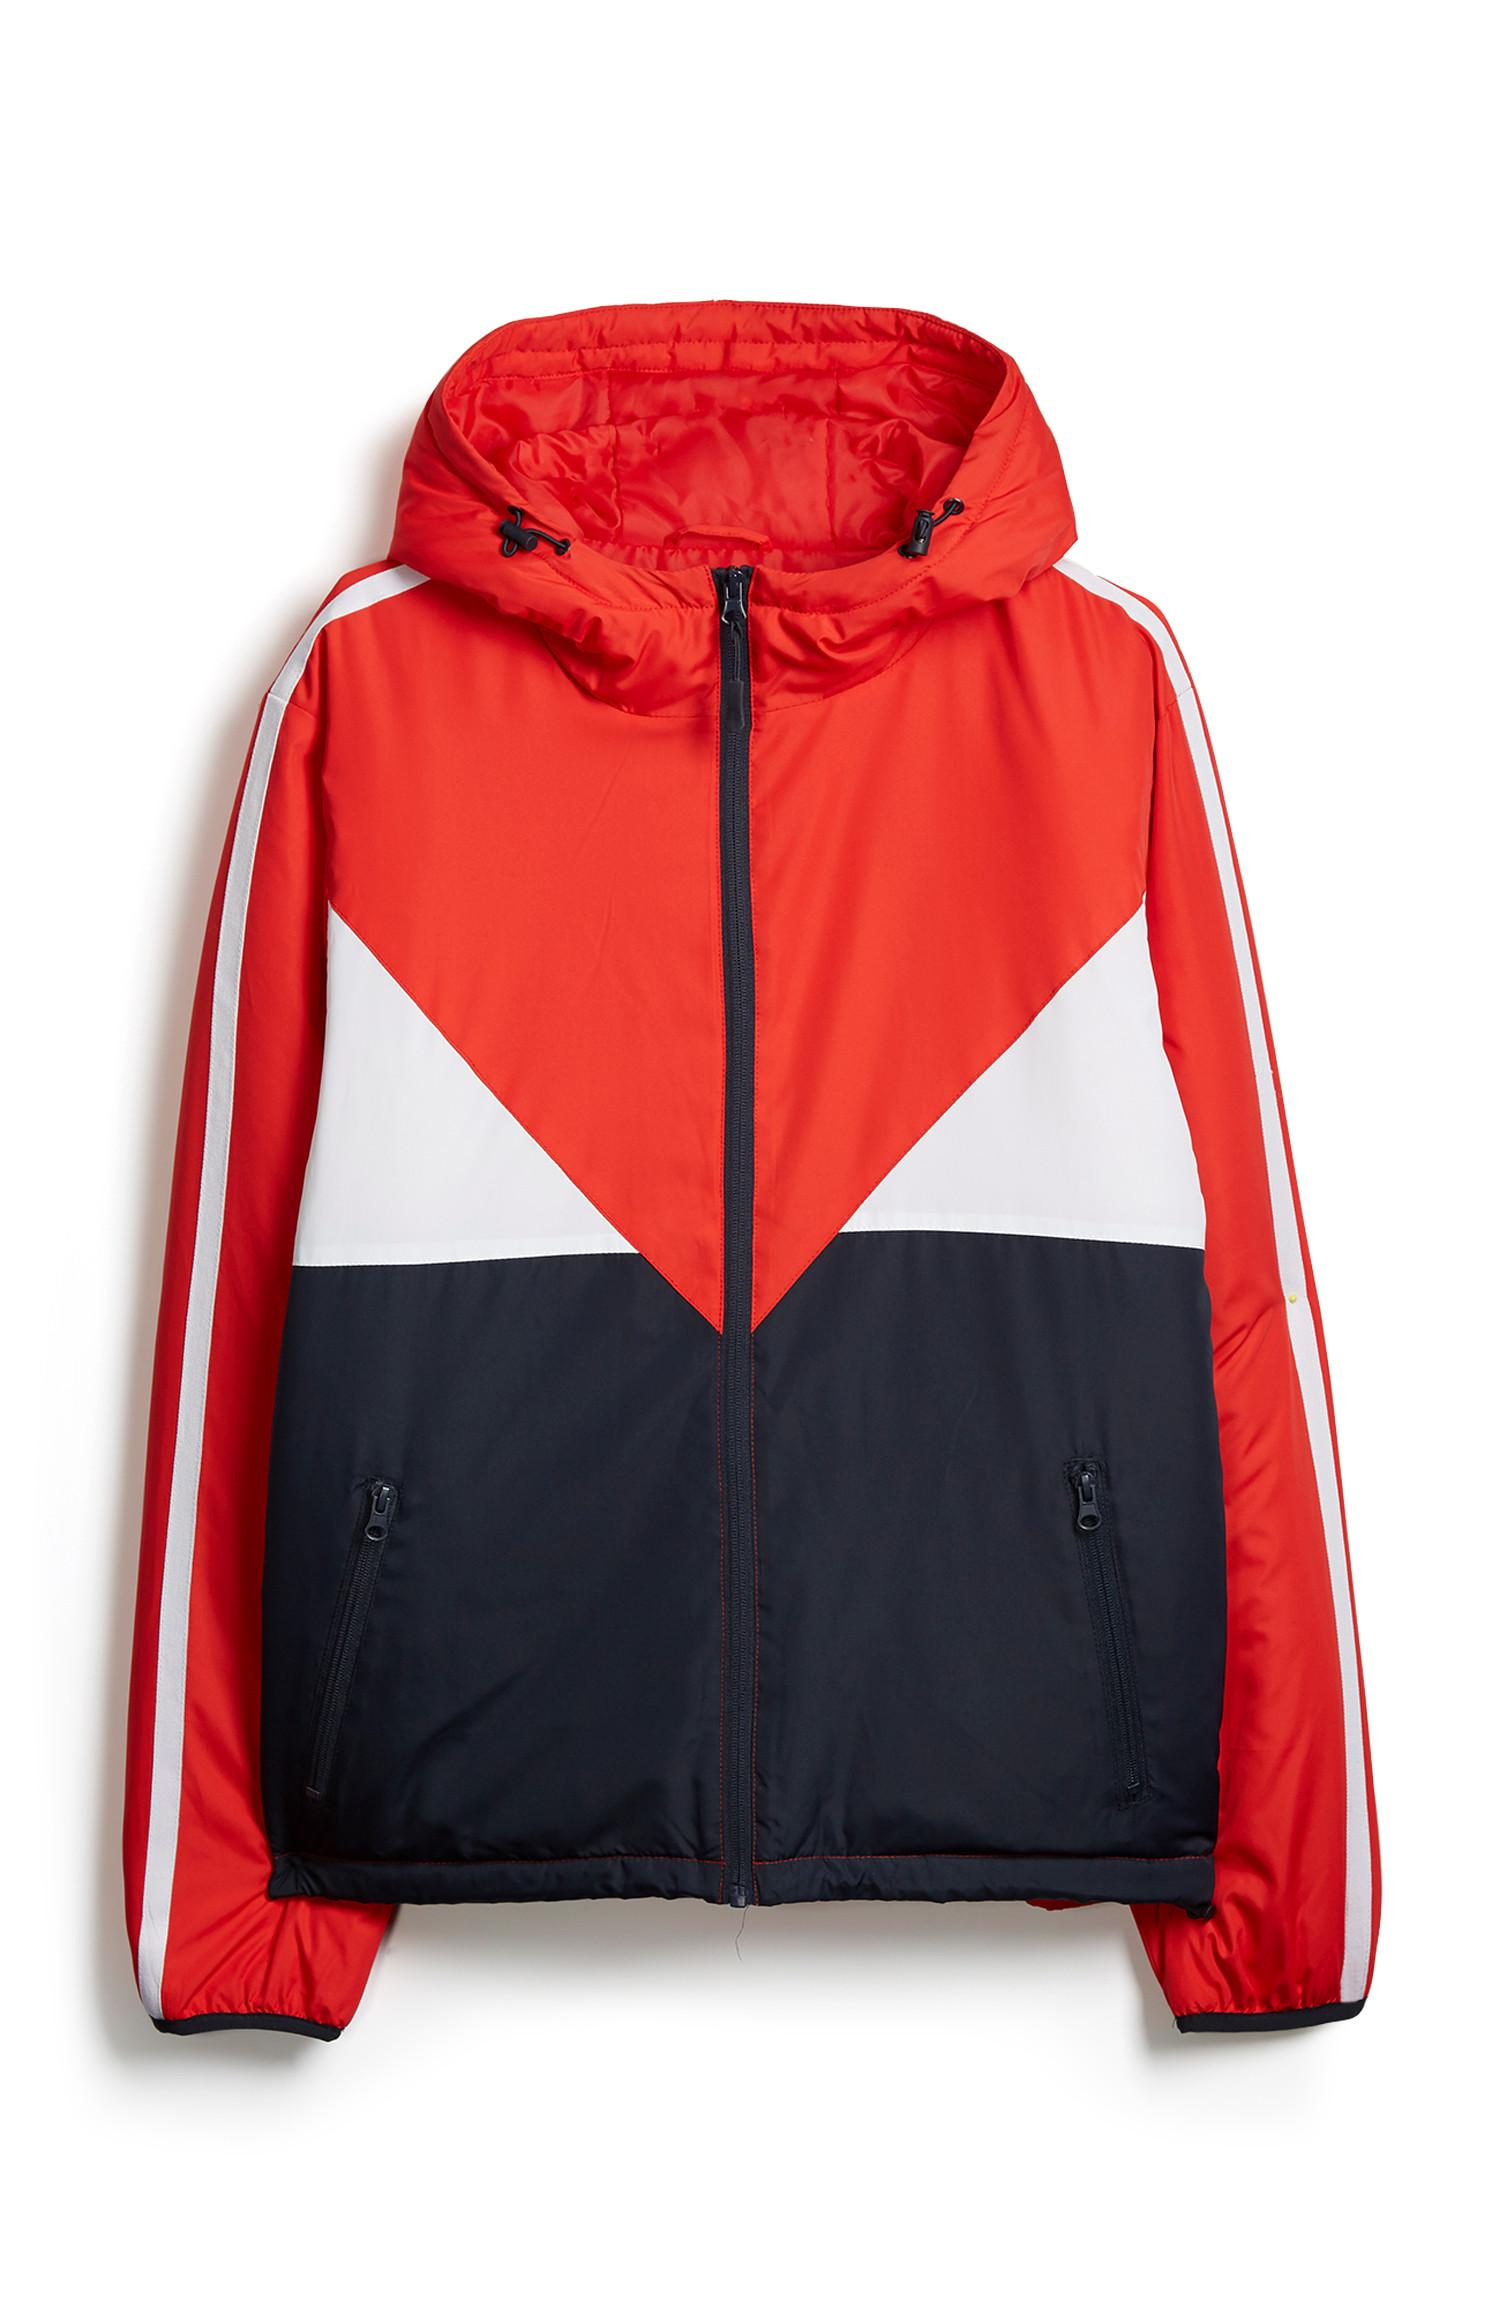 Casaco Colour Block vermelho